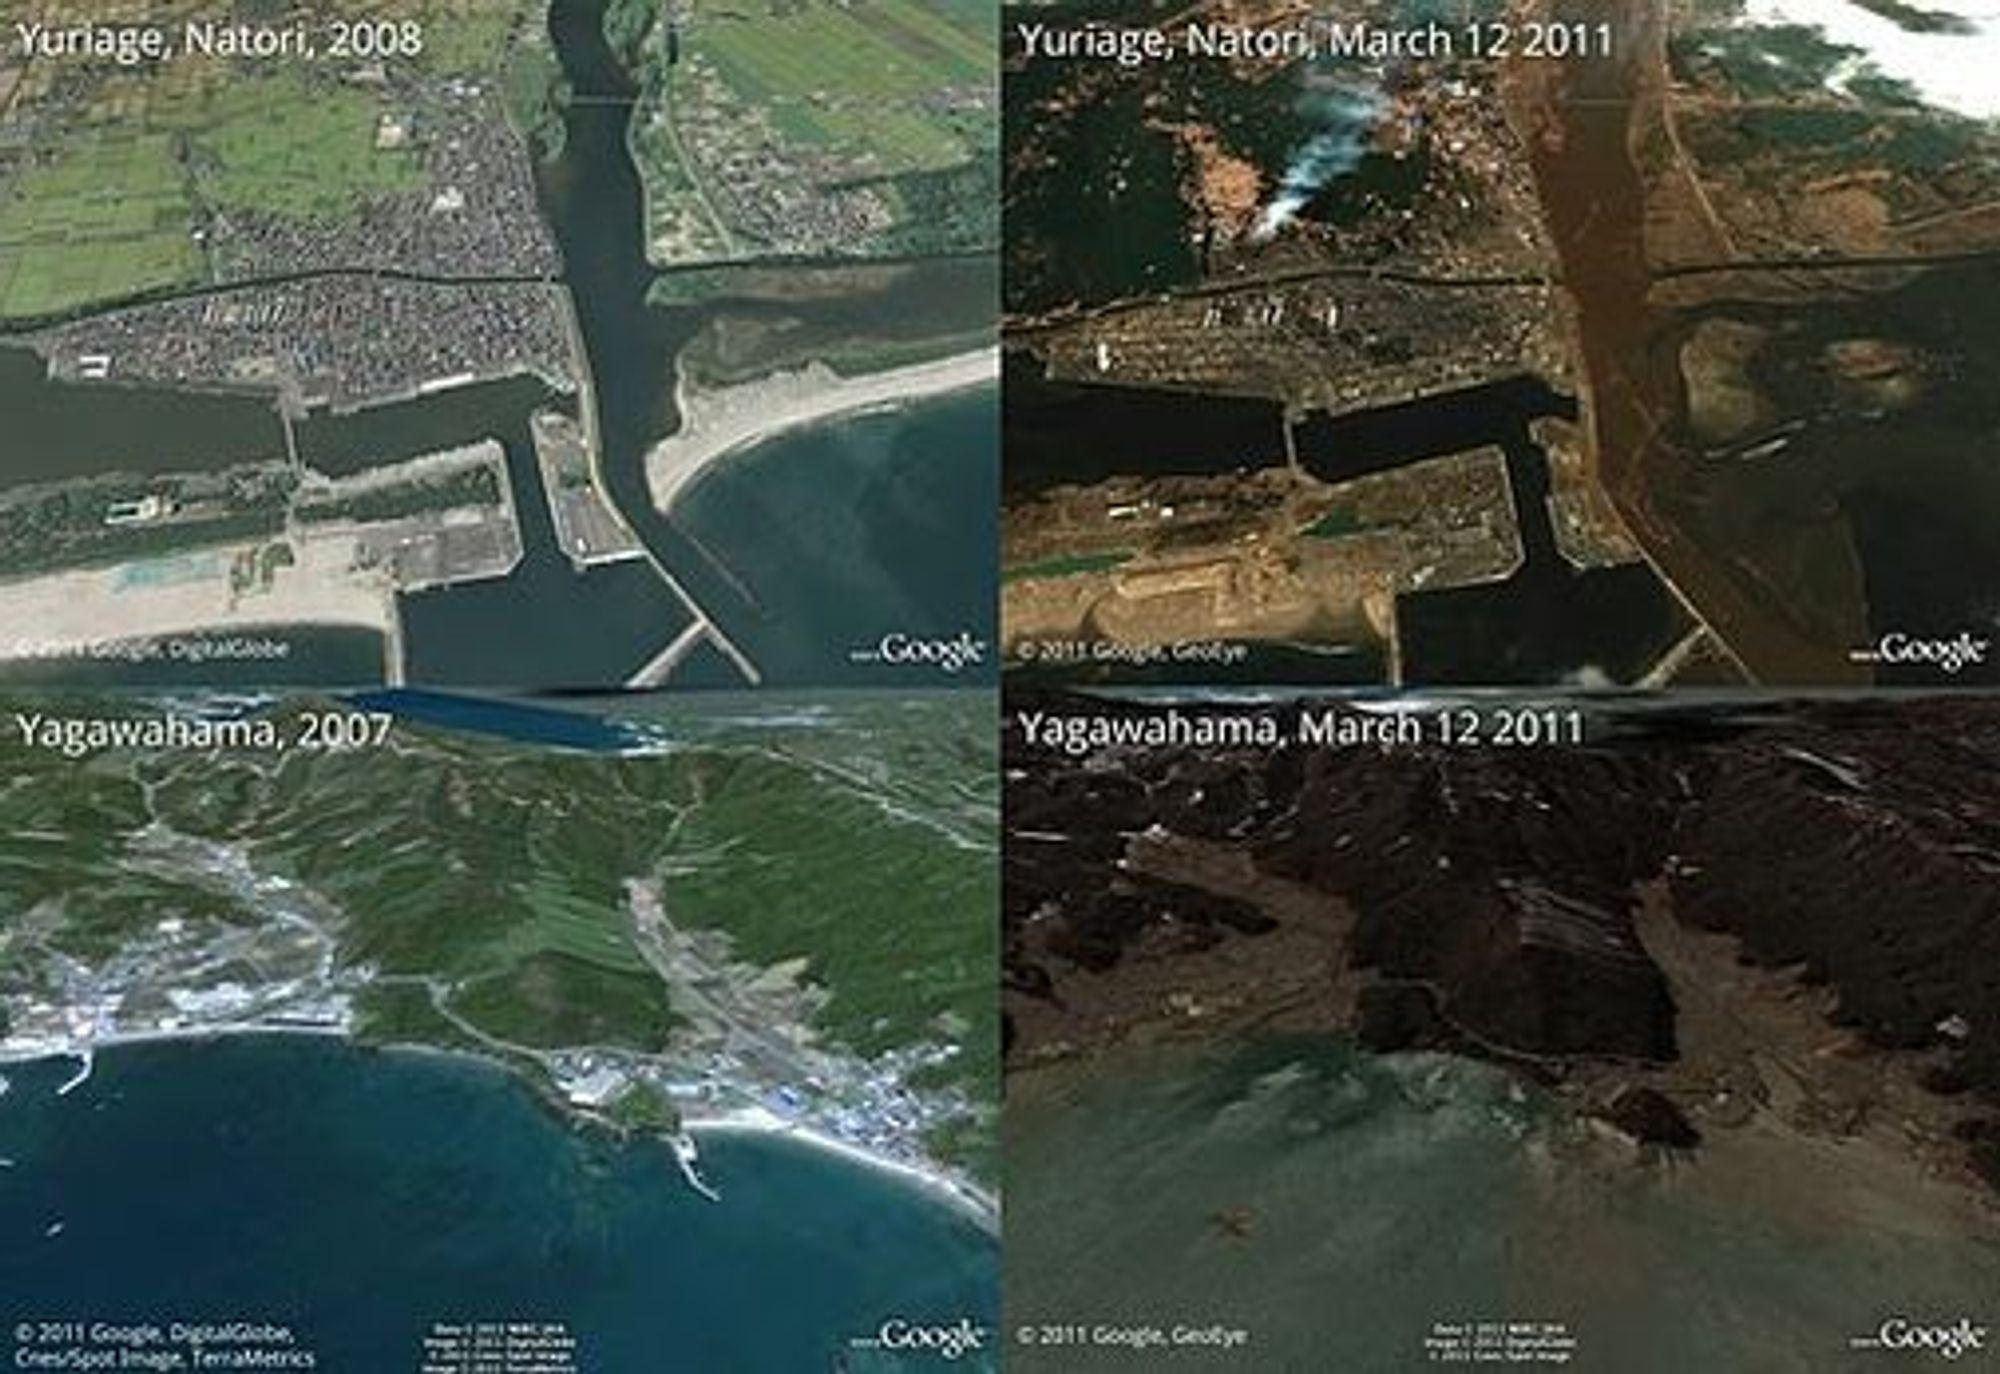 Vasket vekk av vannmassene: De japanske byene Yuriage og Yagawahama ble hardt rammet av tsunamien fredag.